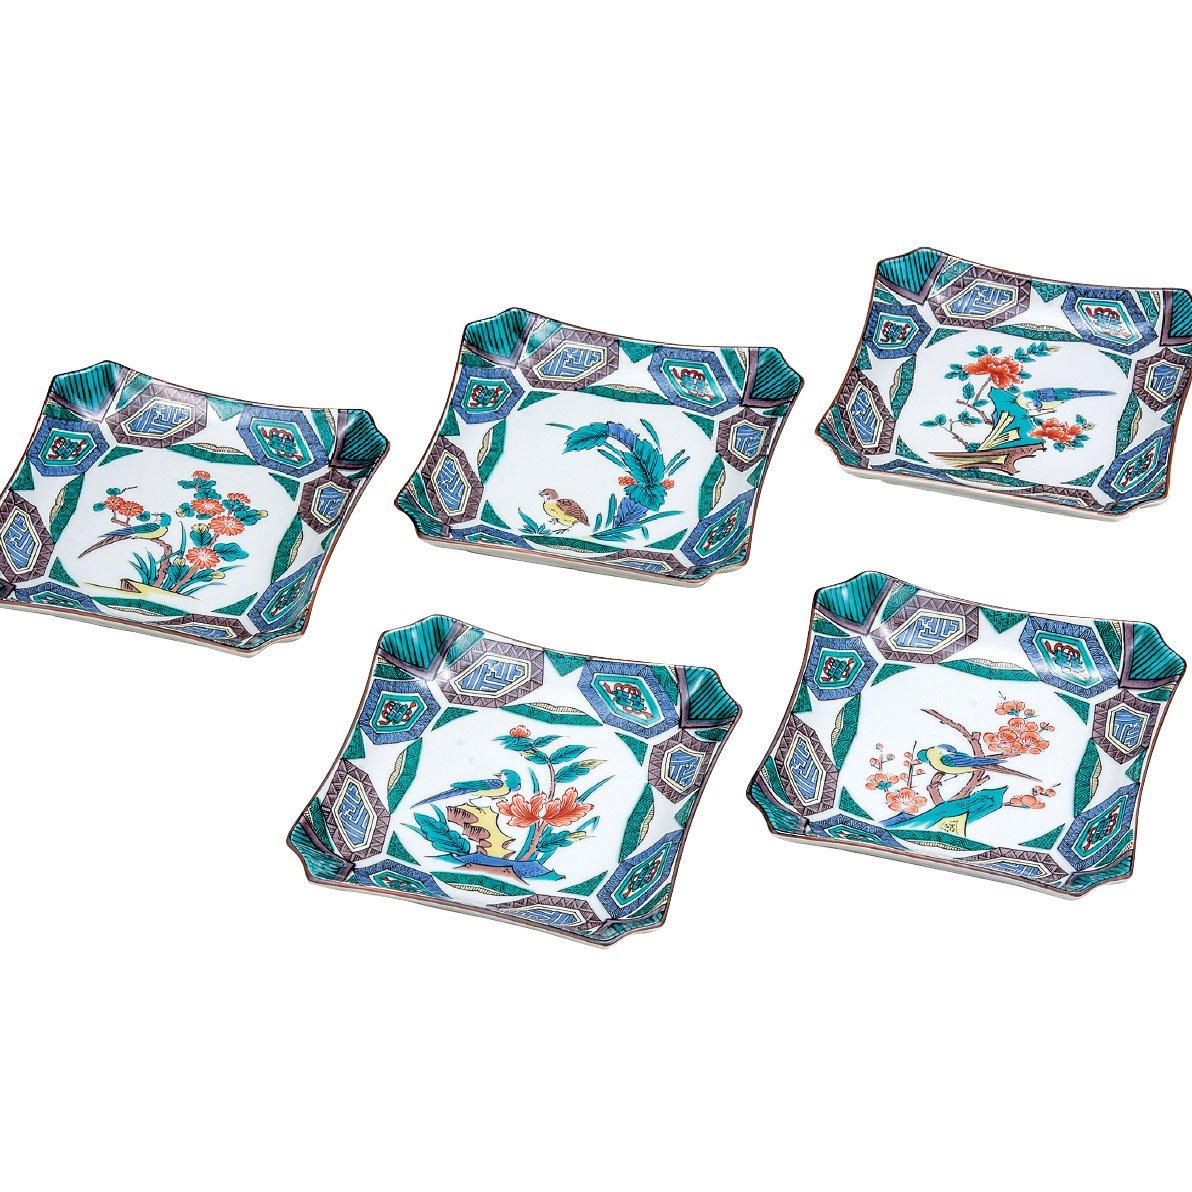 和食器 九谷焼 小皿5枚セット 古九谷風花鳥絵変り BK5-0099   B076Q7JCW8